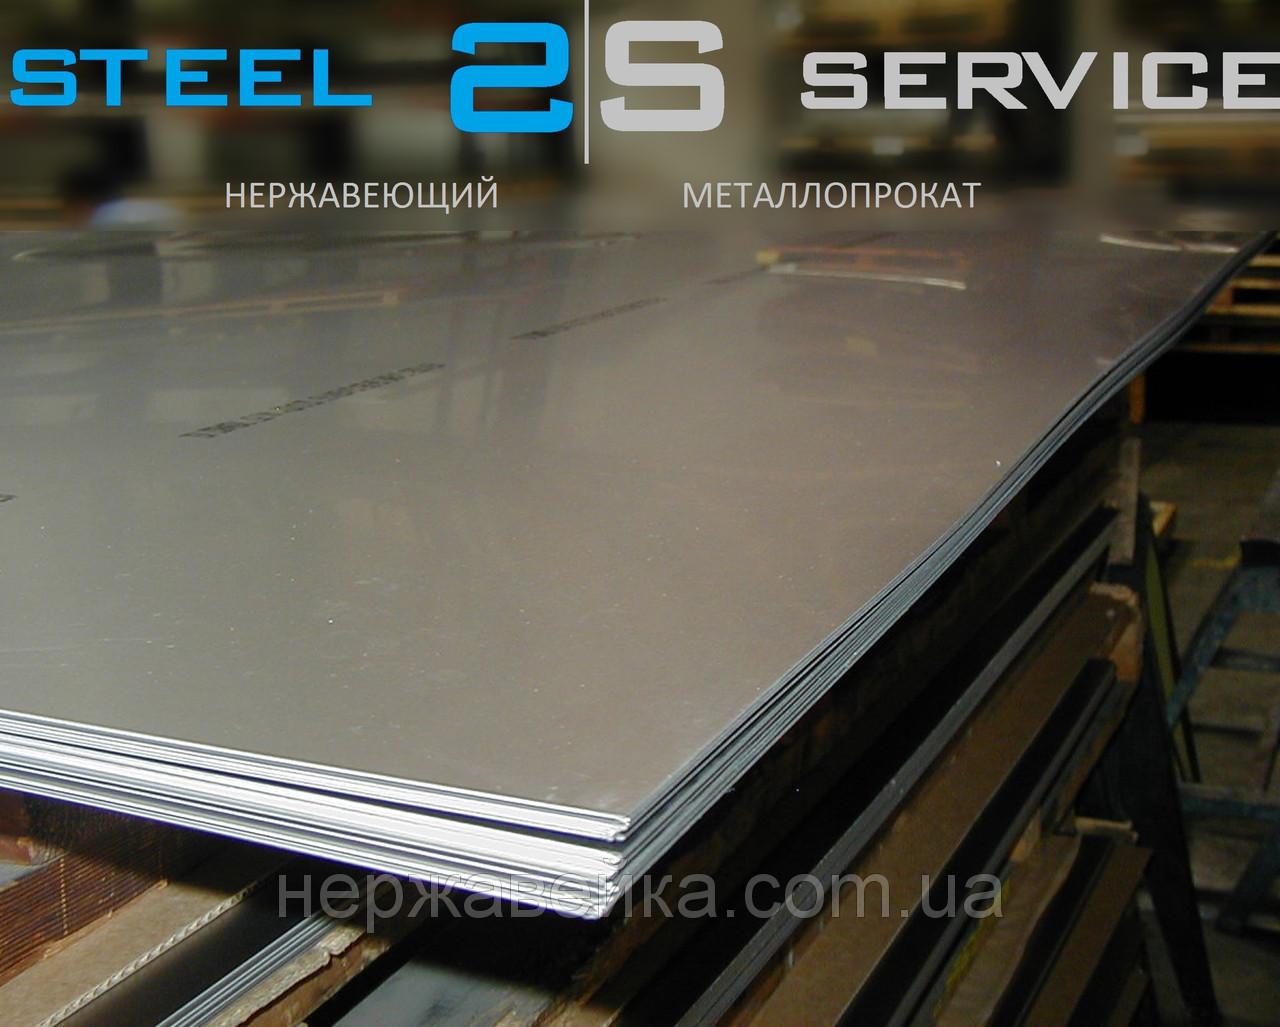 Нержавеющий лист 12х1500х3000мм  AISI 304(08Х18Н10) F1 - горячекатанный,  пищевой